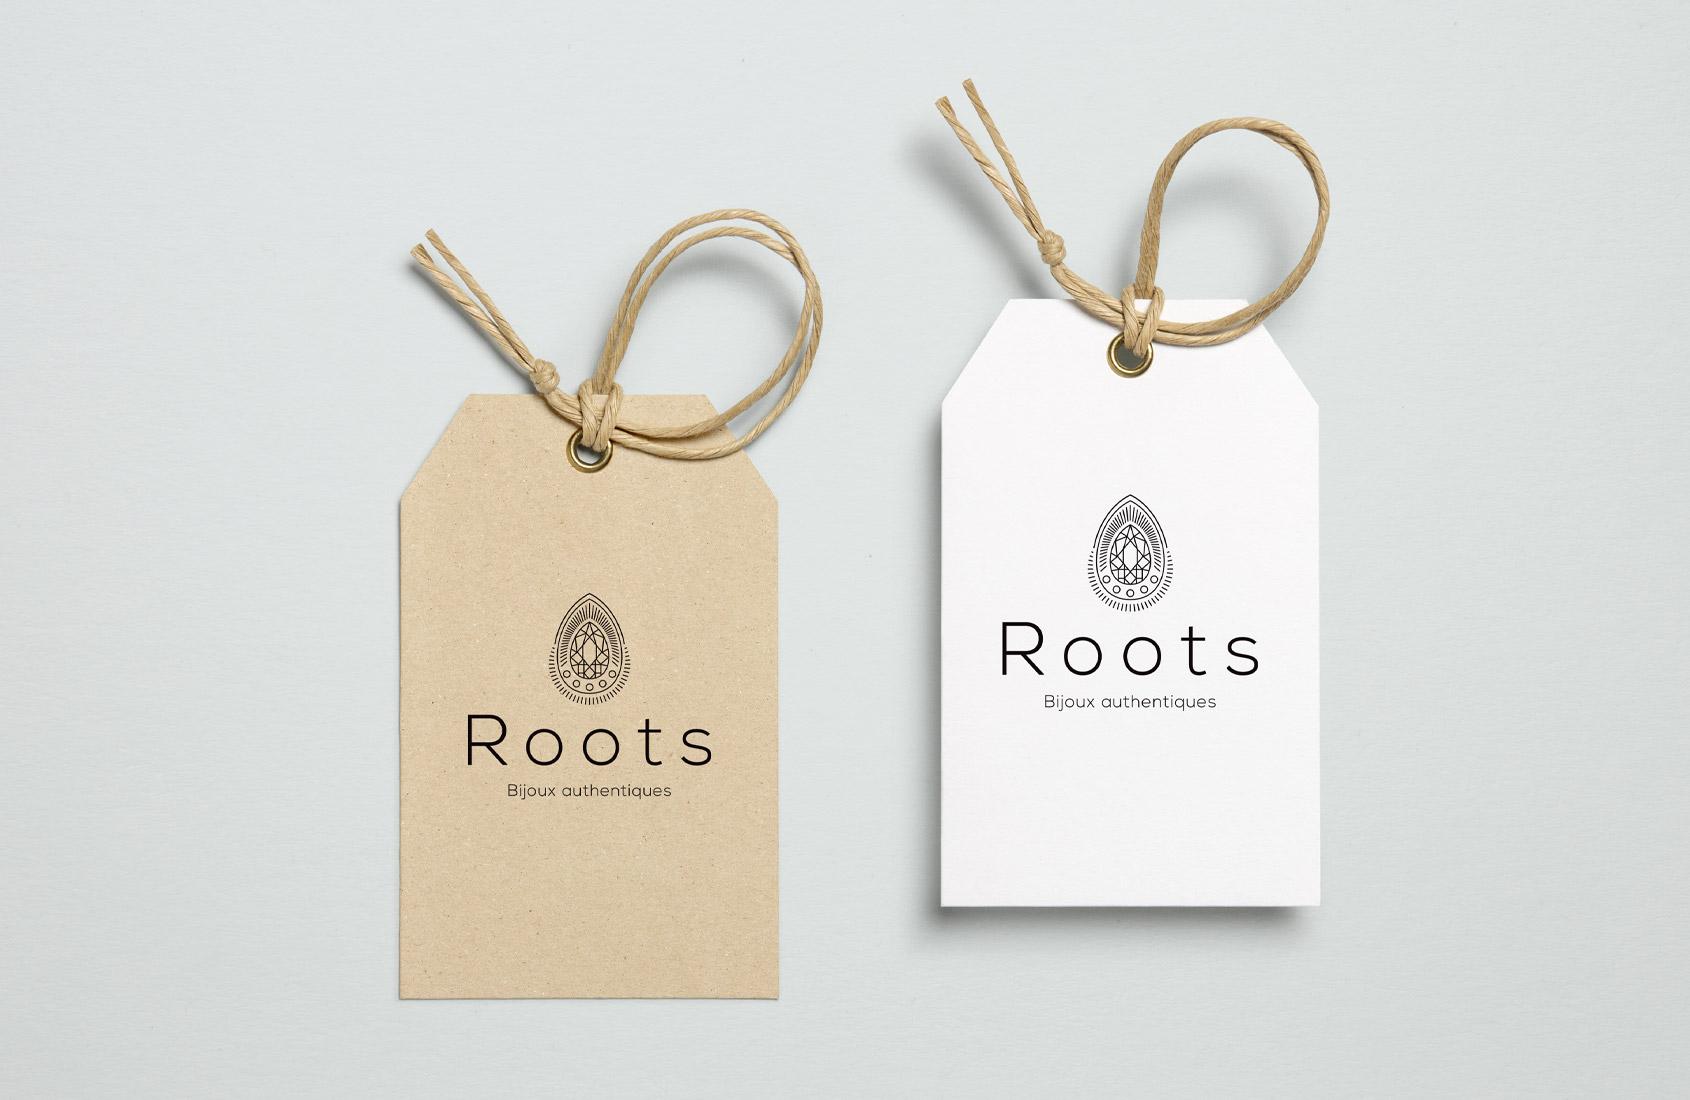 Etiquettes Roots